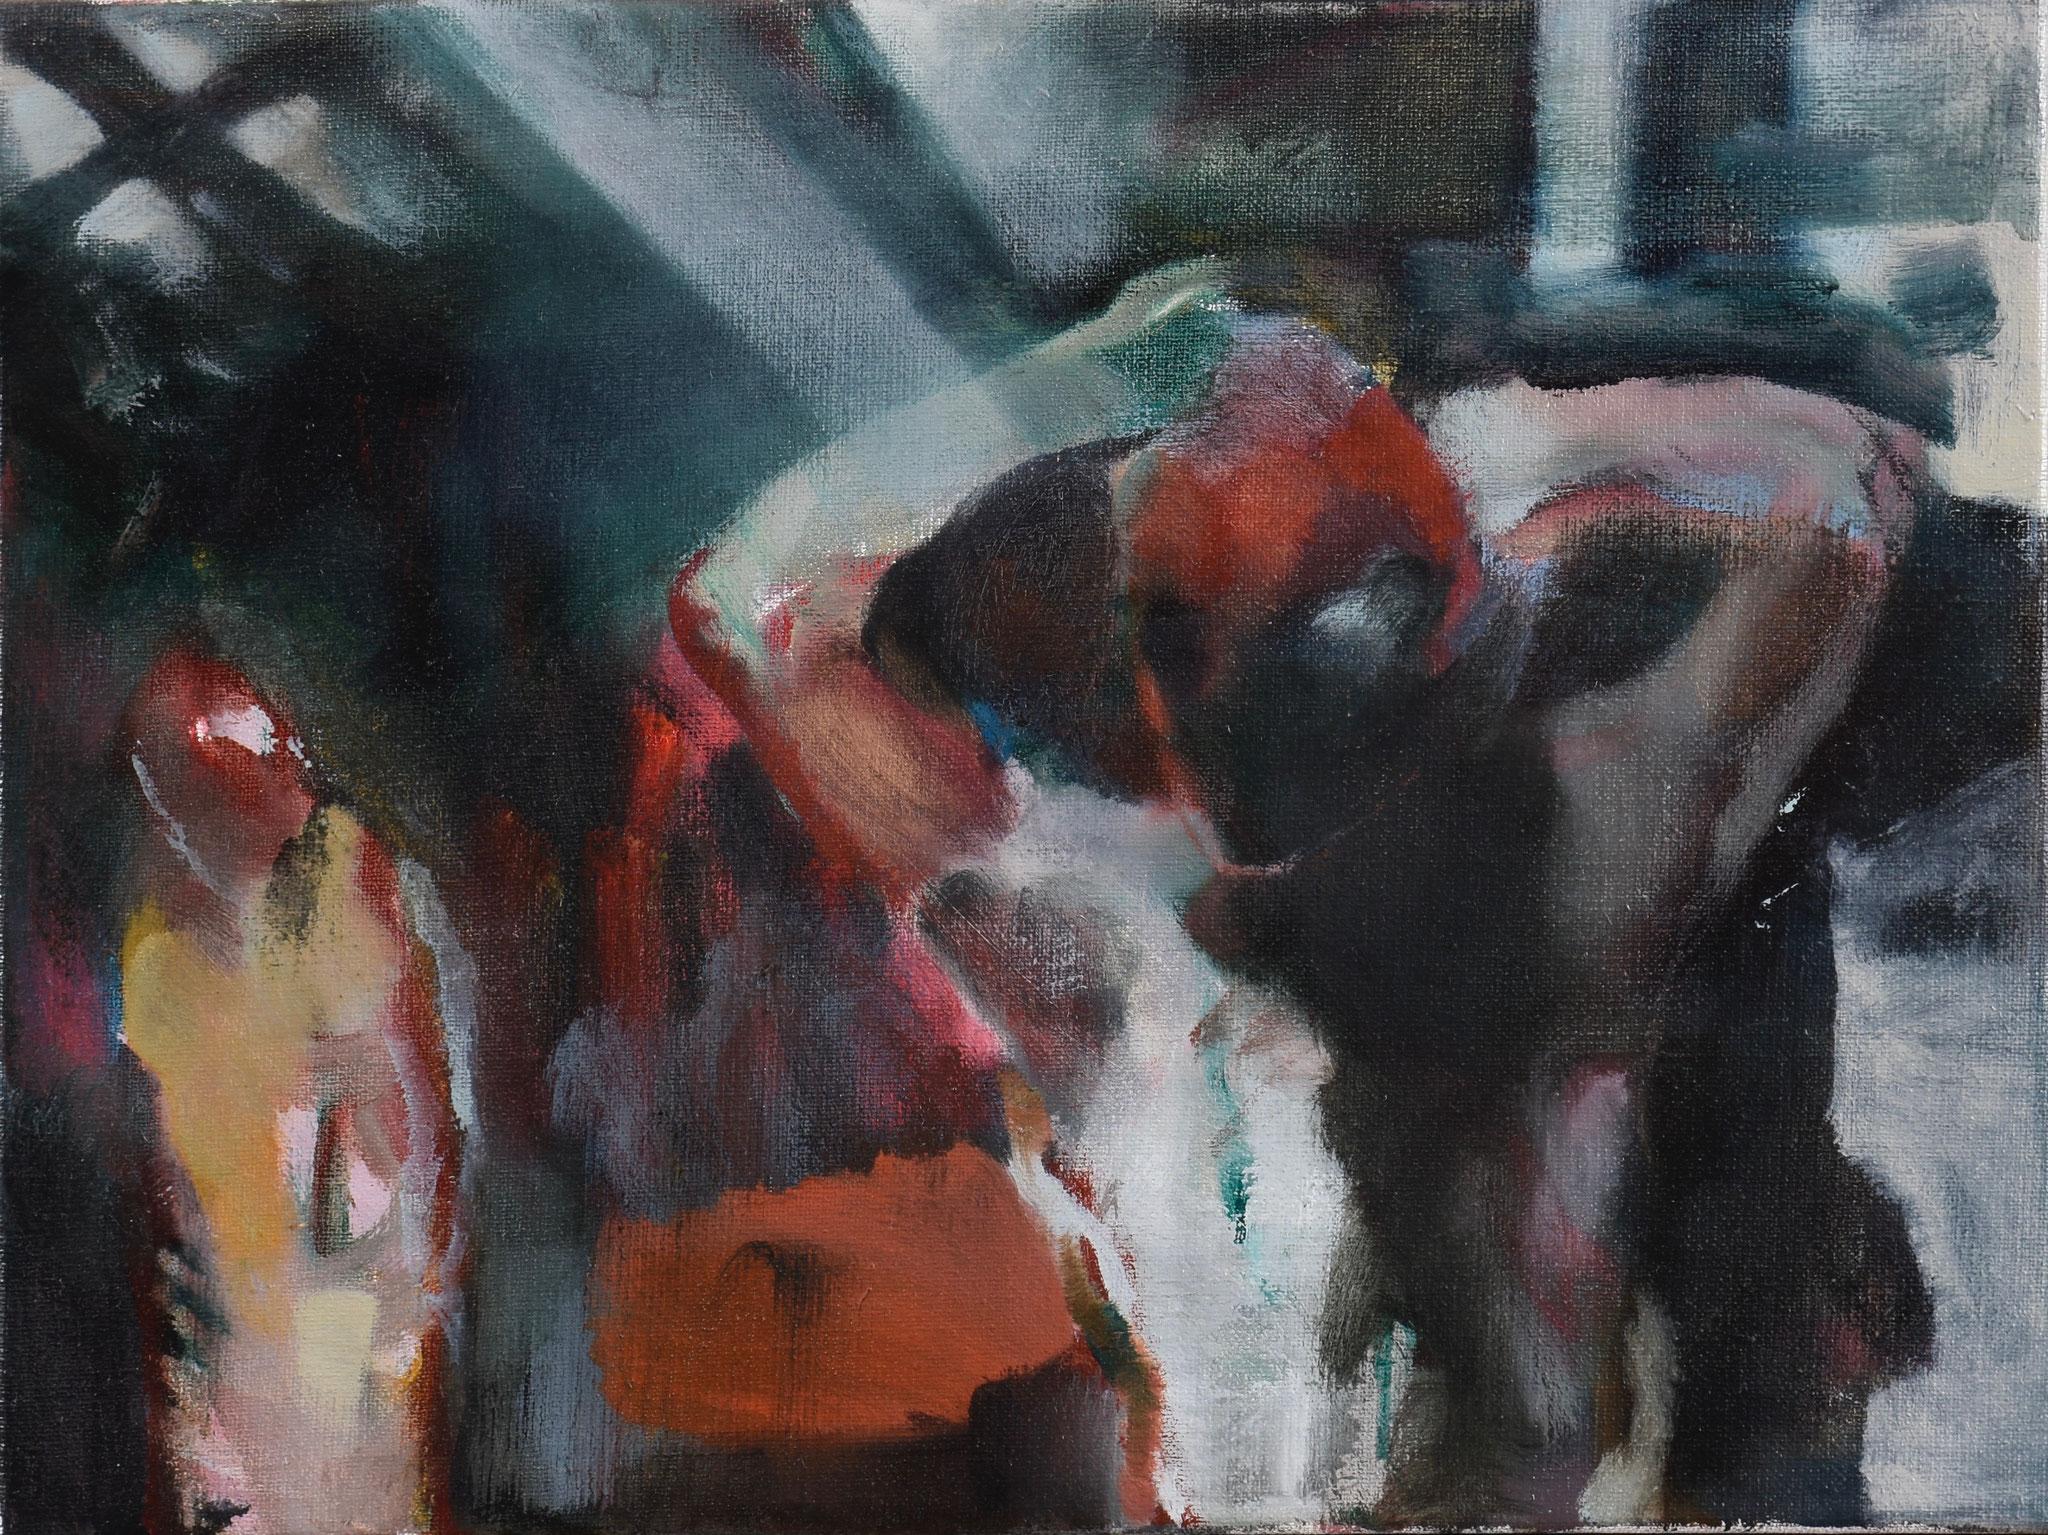 72  |  Ohne Titel  |  2020  |  Öl auf Leinwand  |  30 x 40 cm